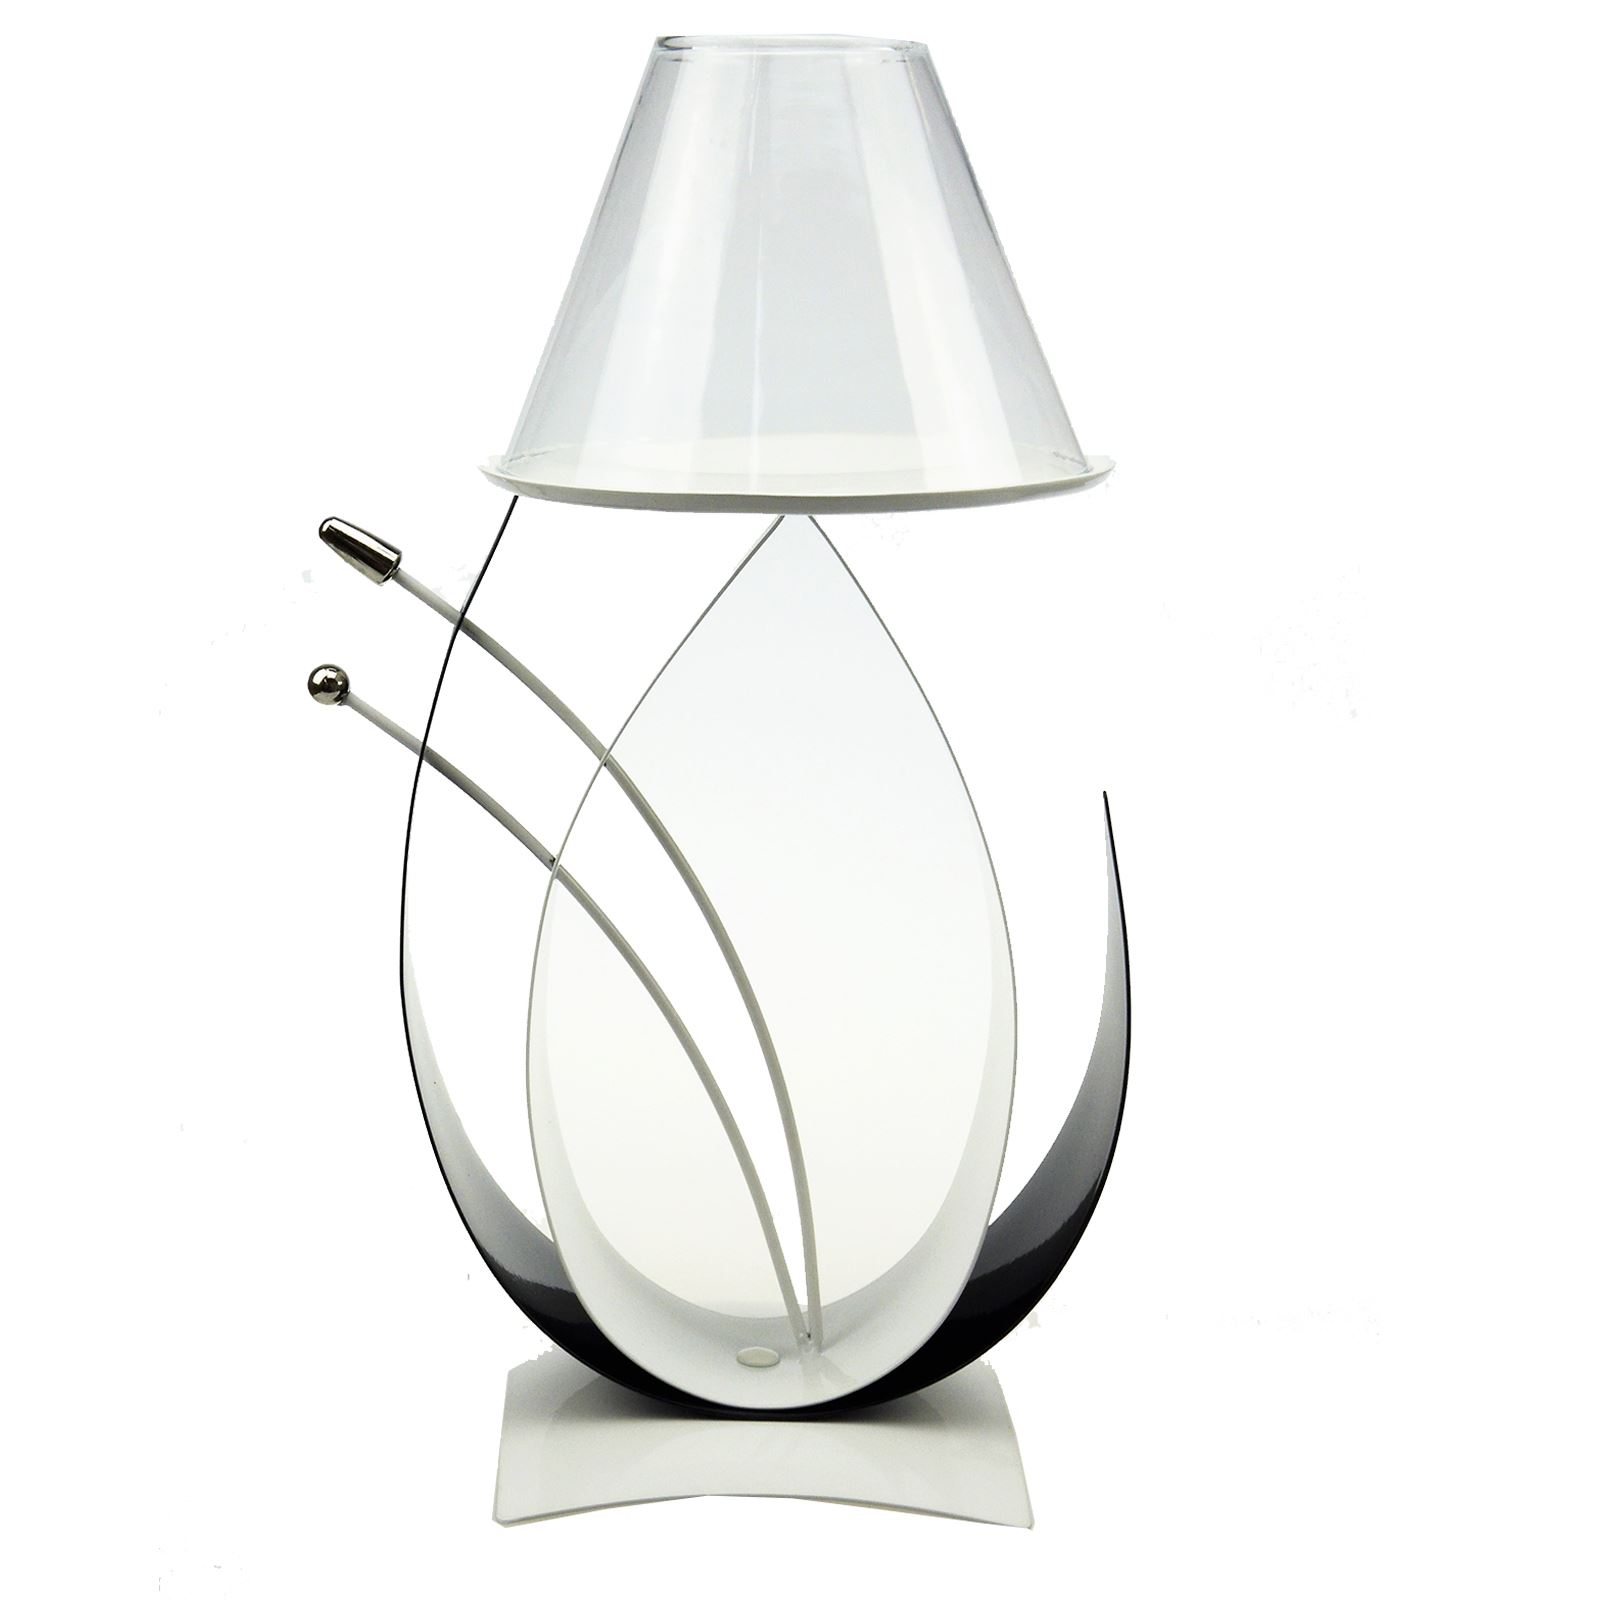 Candle tea light holder candlestick flower vase glass